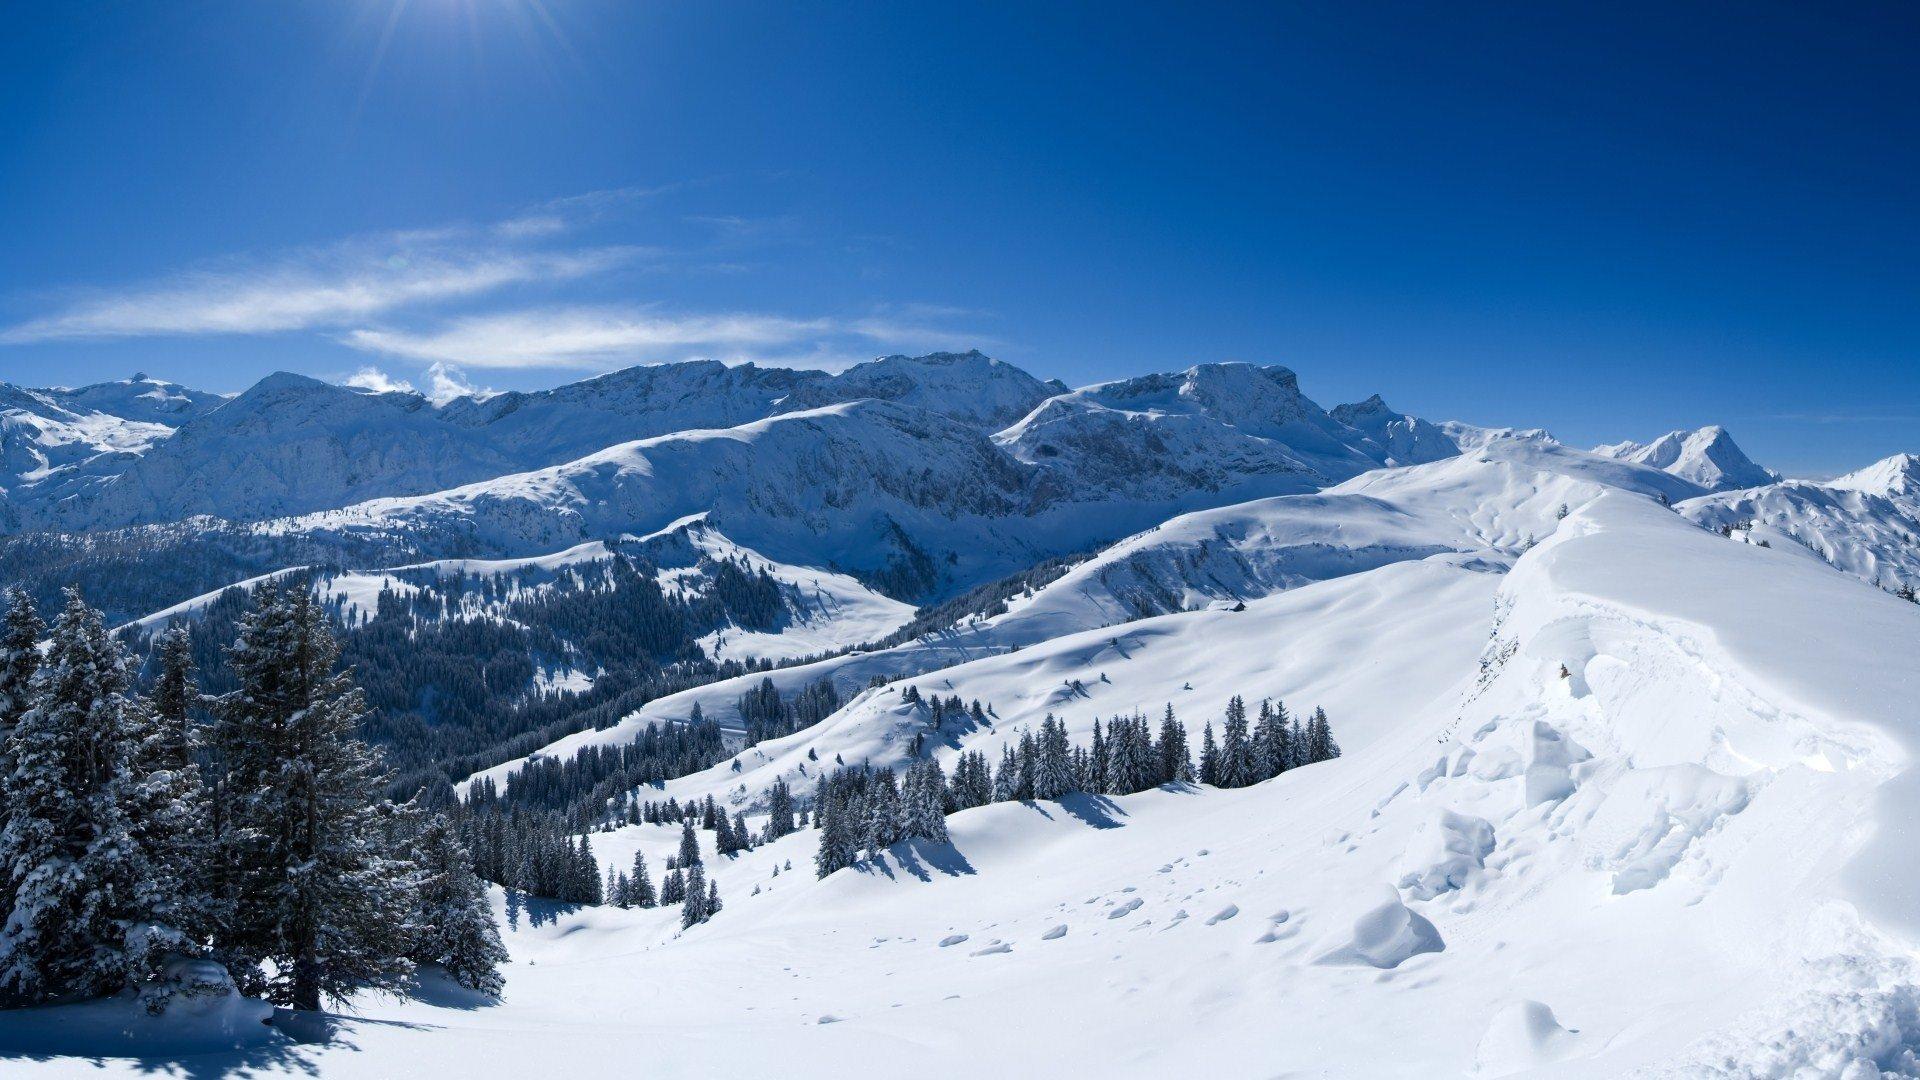 snow ultrahd 4k wallpaper wallpaper 1920x1080 237087 WallpaperUP 1920x1080